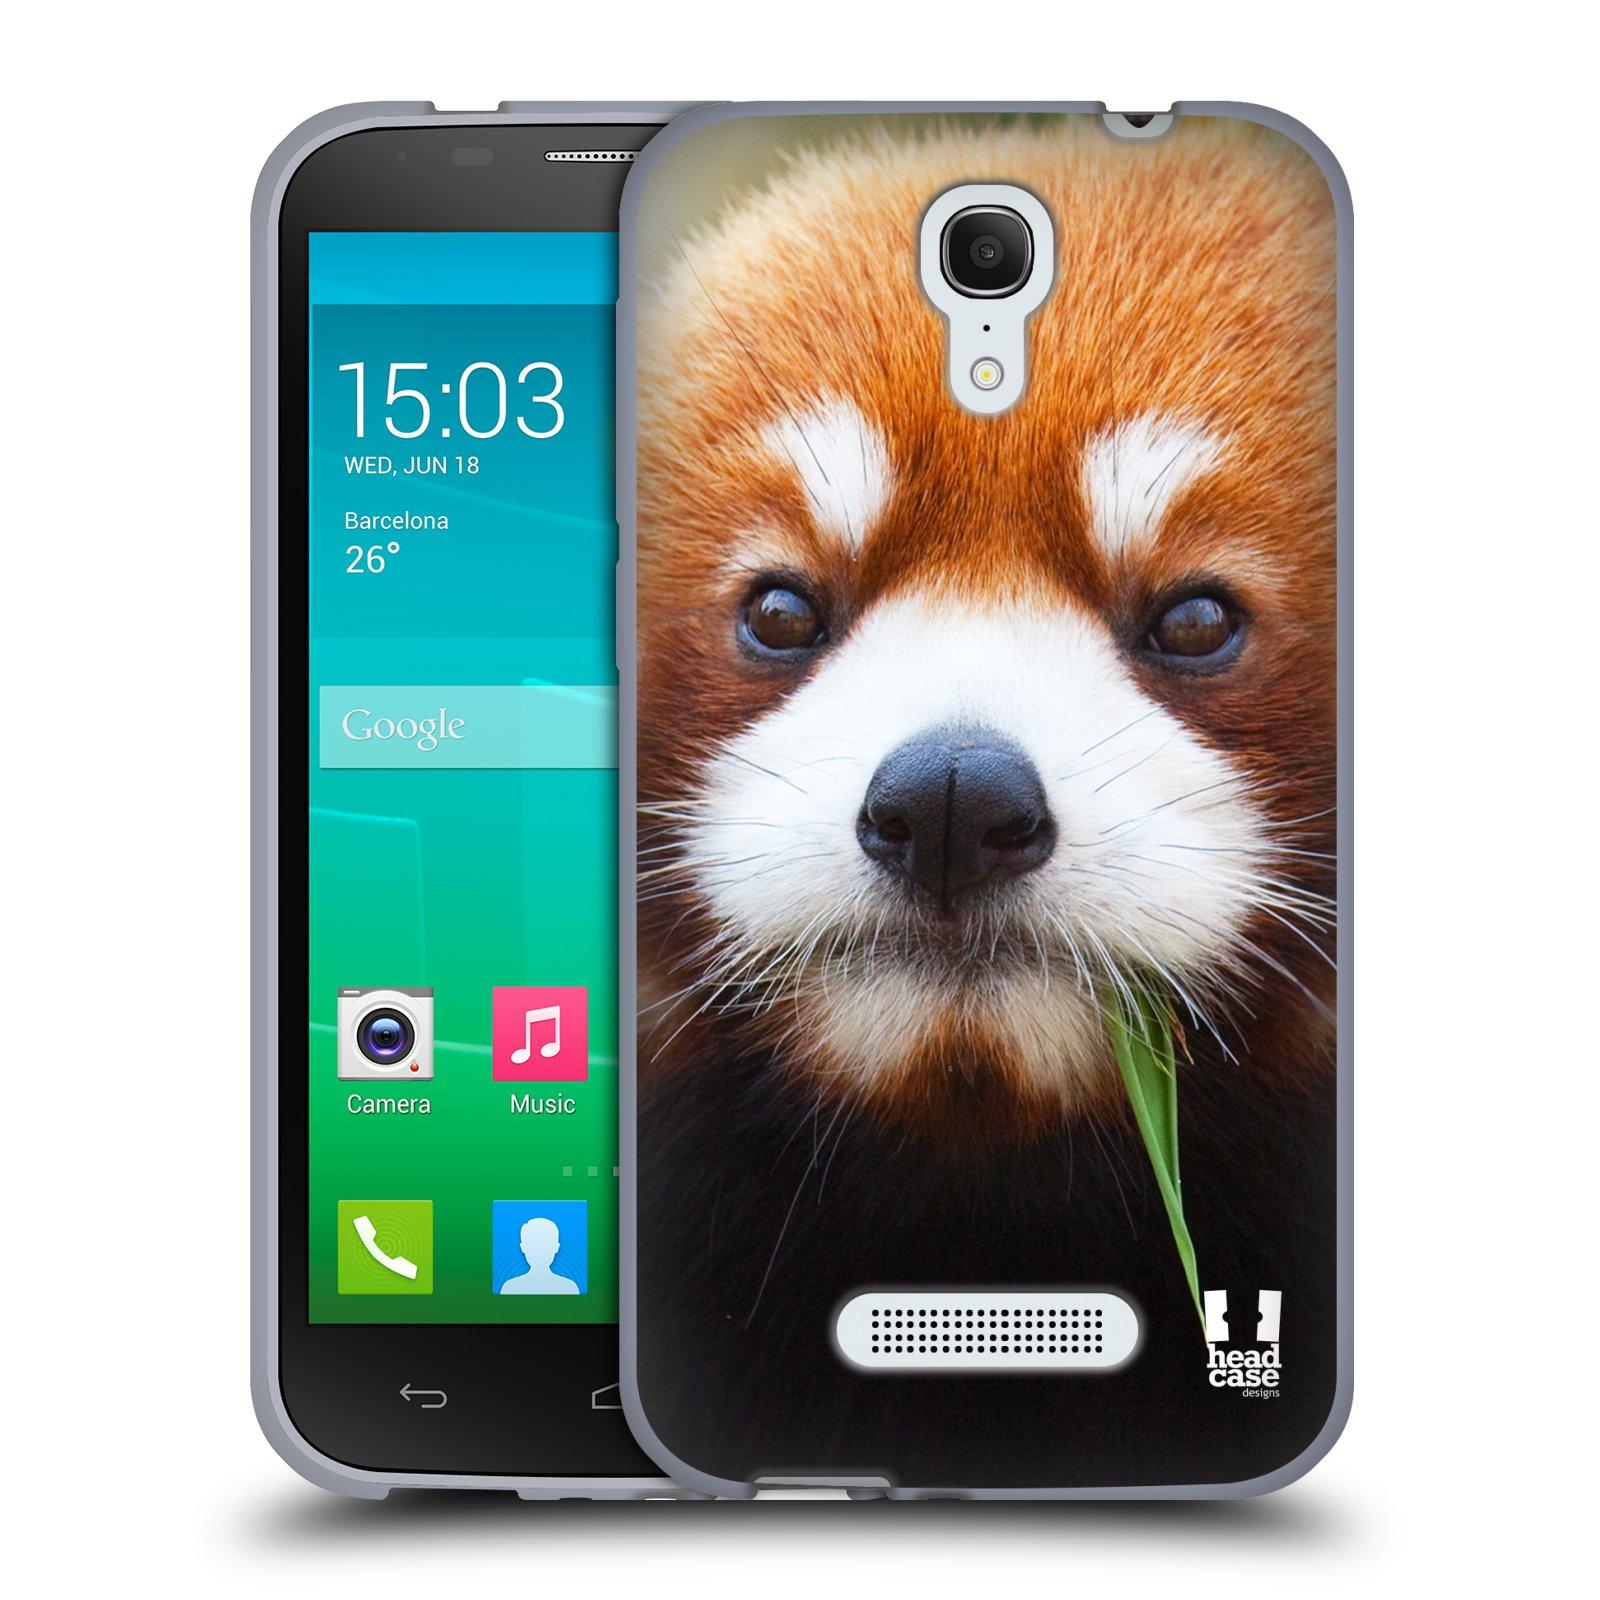 HEAD CASE silikonový obal na mobil Alcatel POP S7 vzor Divočina, Divoký život a zvířata foto PANDA HNĚDÁ